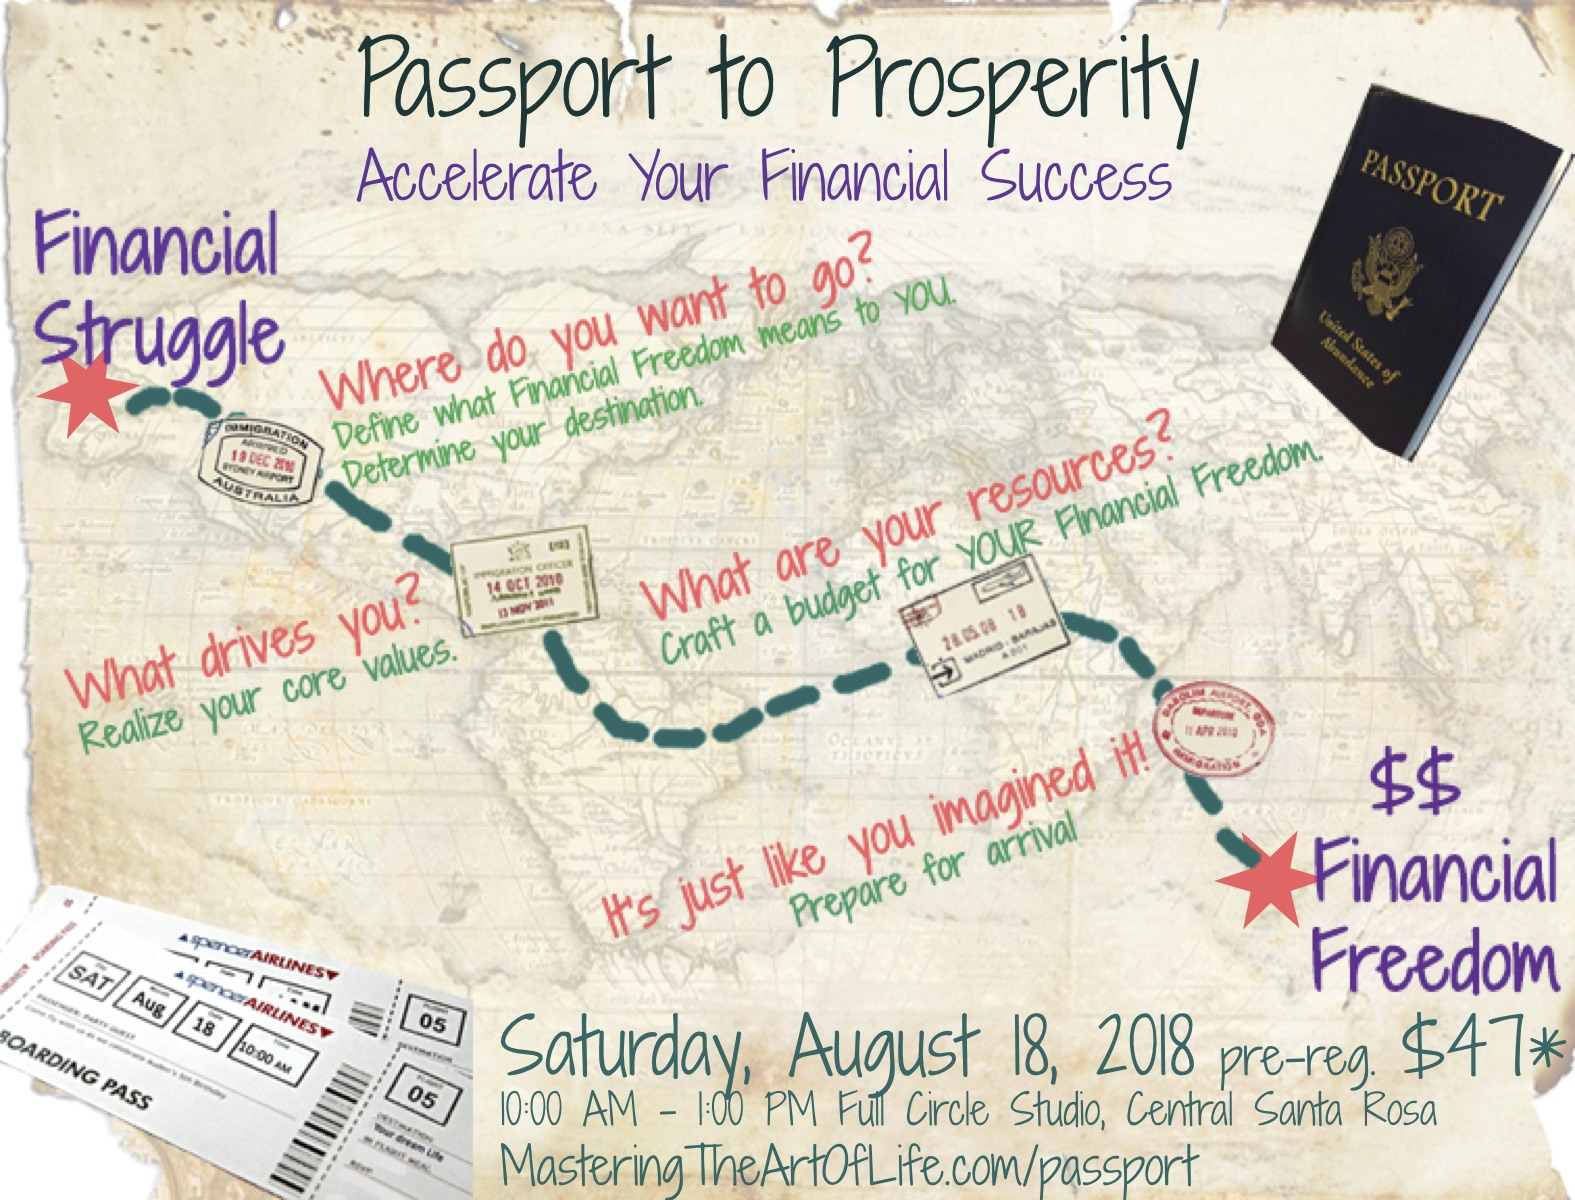 Passport-to-prosperity-image